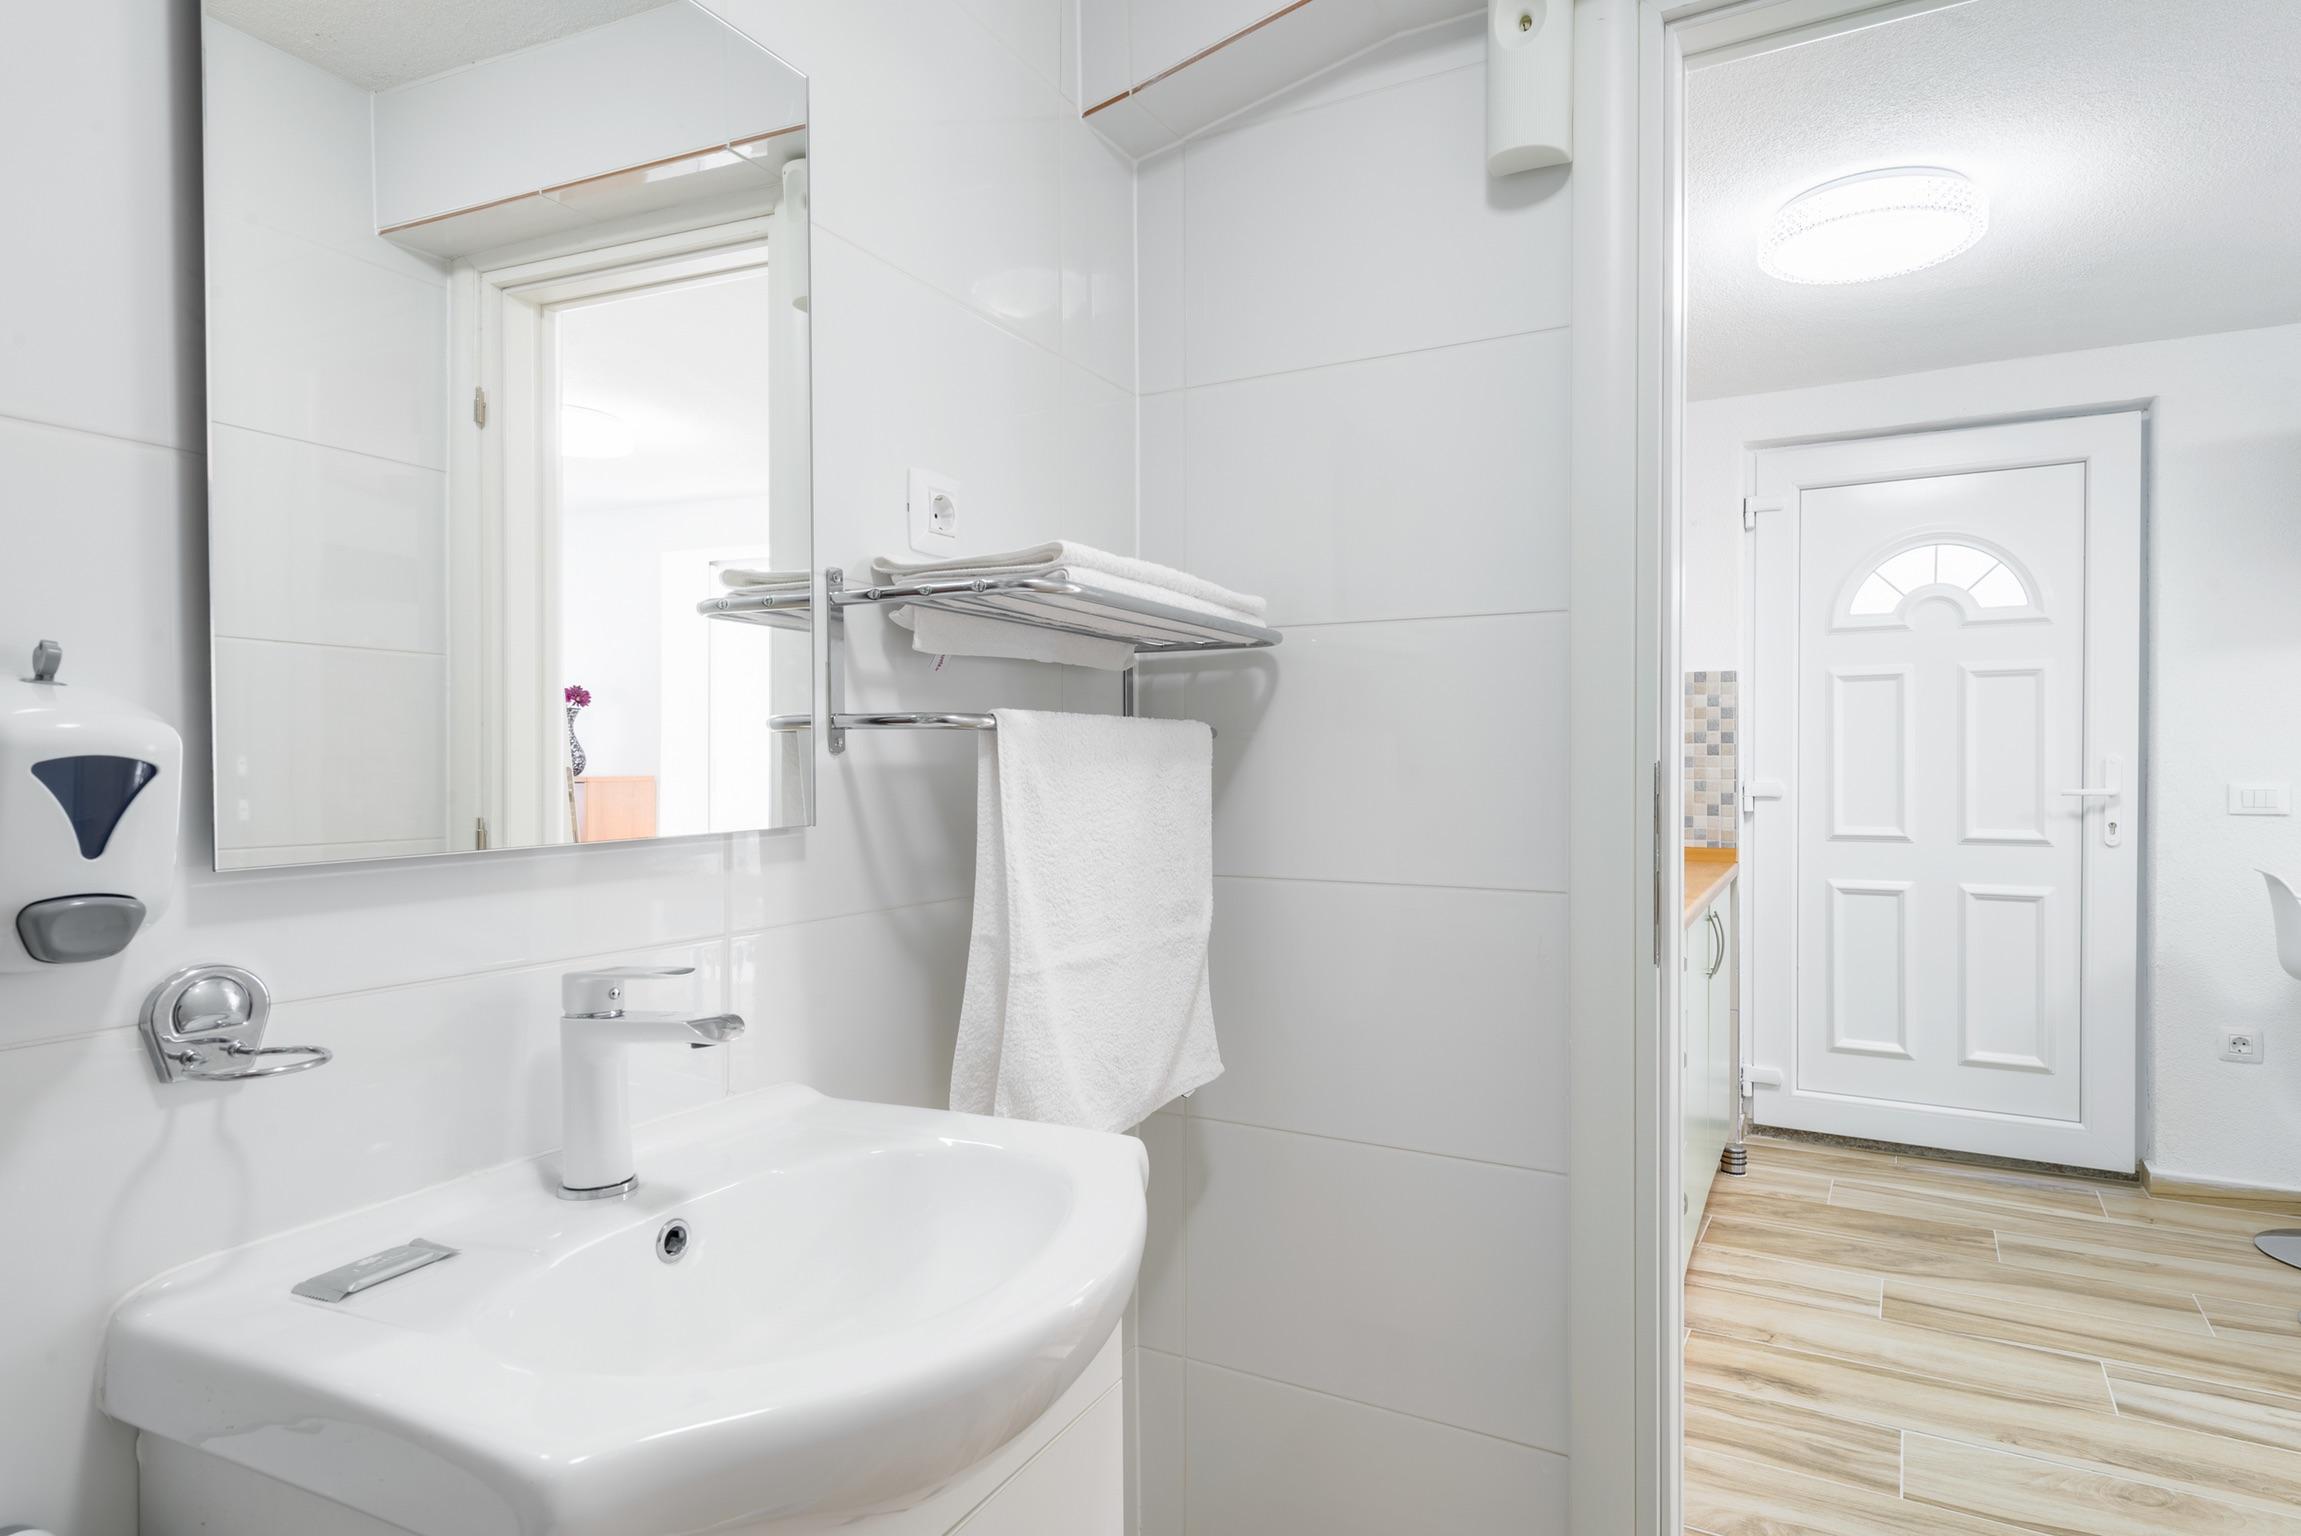 Ferienwohnung Wohnung mit 2 Zimmern in Baaka Voda mit herrlichem Meerblick, möblierter Terrasse und W-L (2201397), Baška Voda, , Dalmatien, Kroatien, Bild 16